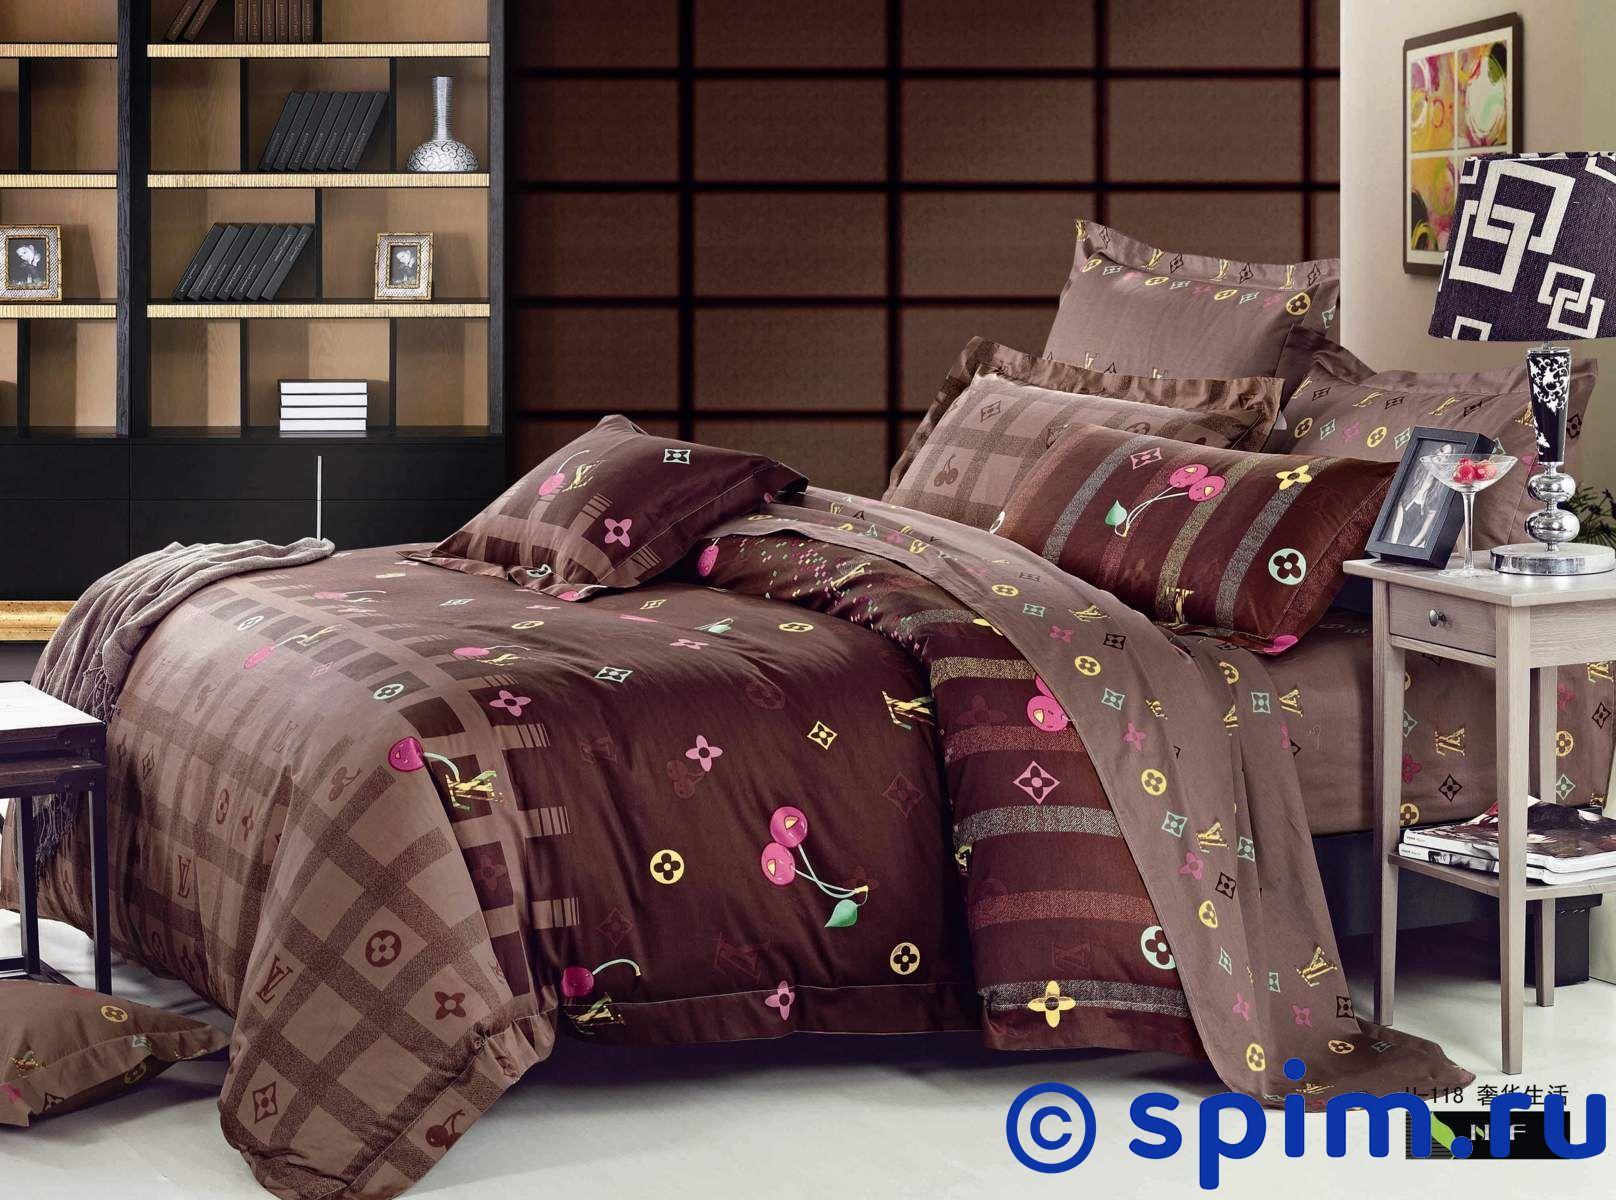 Комплект СайлиД G84 Евро-стандартСатиновое постельное белье СайлиД с фотопечатью<br>Материал: 100% хлопок (сатин, фотопечать). Плотность, г/м2: 130. Размер Sailid Г: Евро-стандарт<br><br>Размер: Евро-стандарт